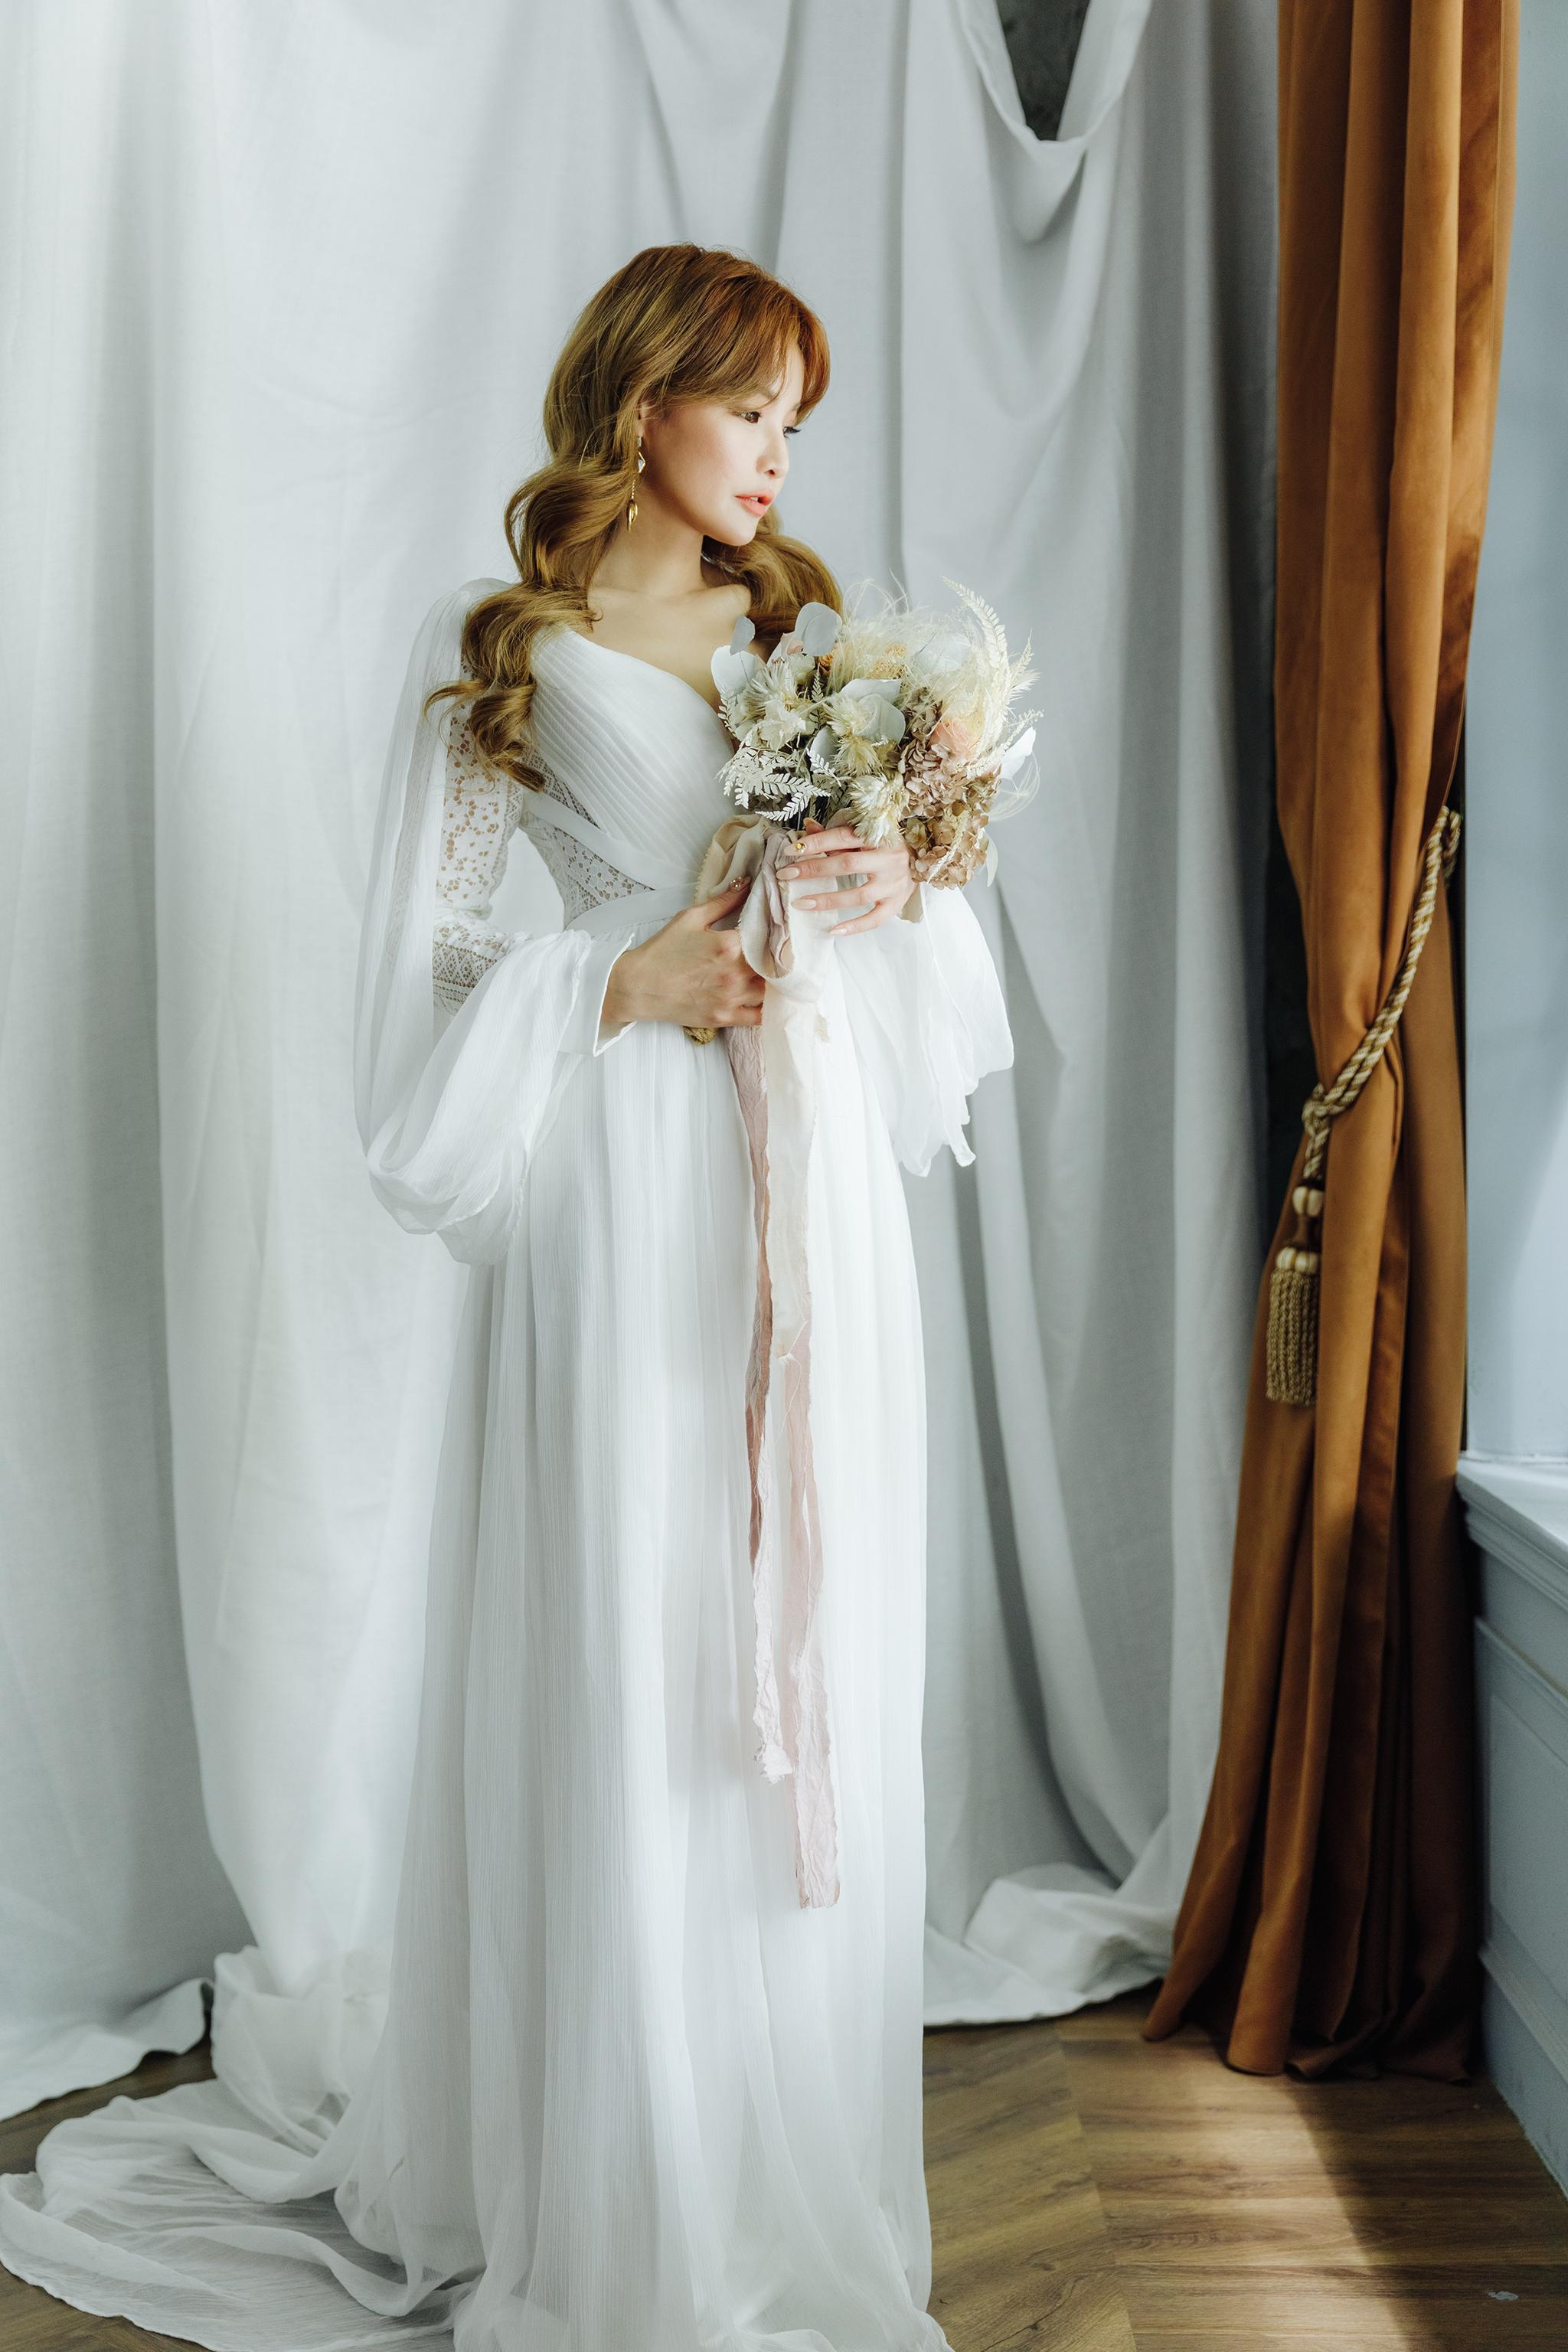 49905199998 e9d1f60afb o - 【自主婚紗】+Sharon+